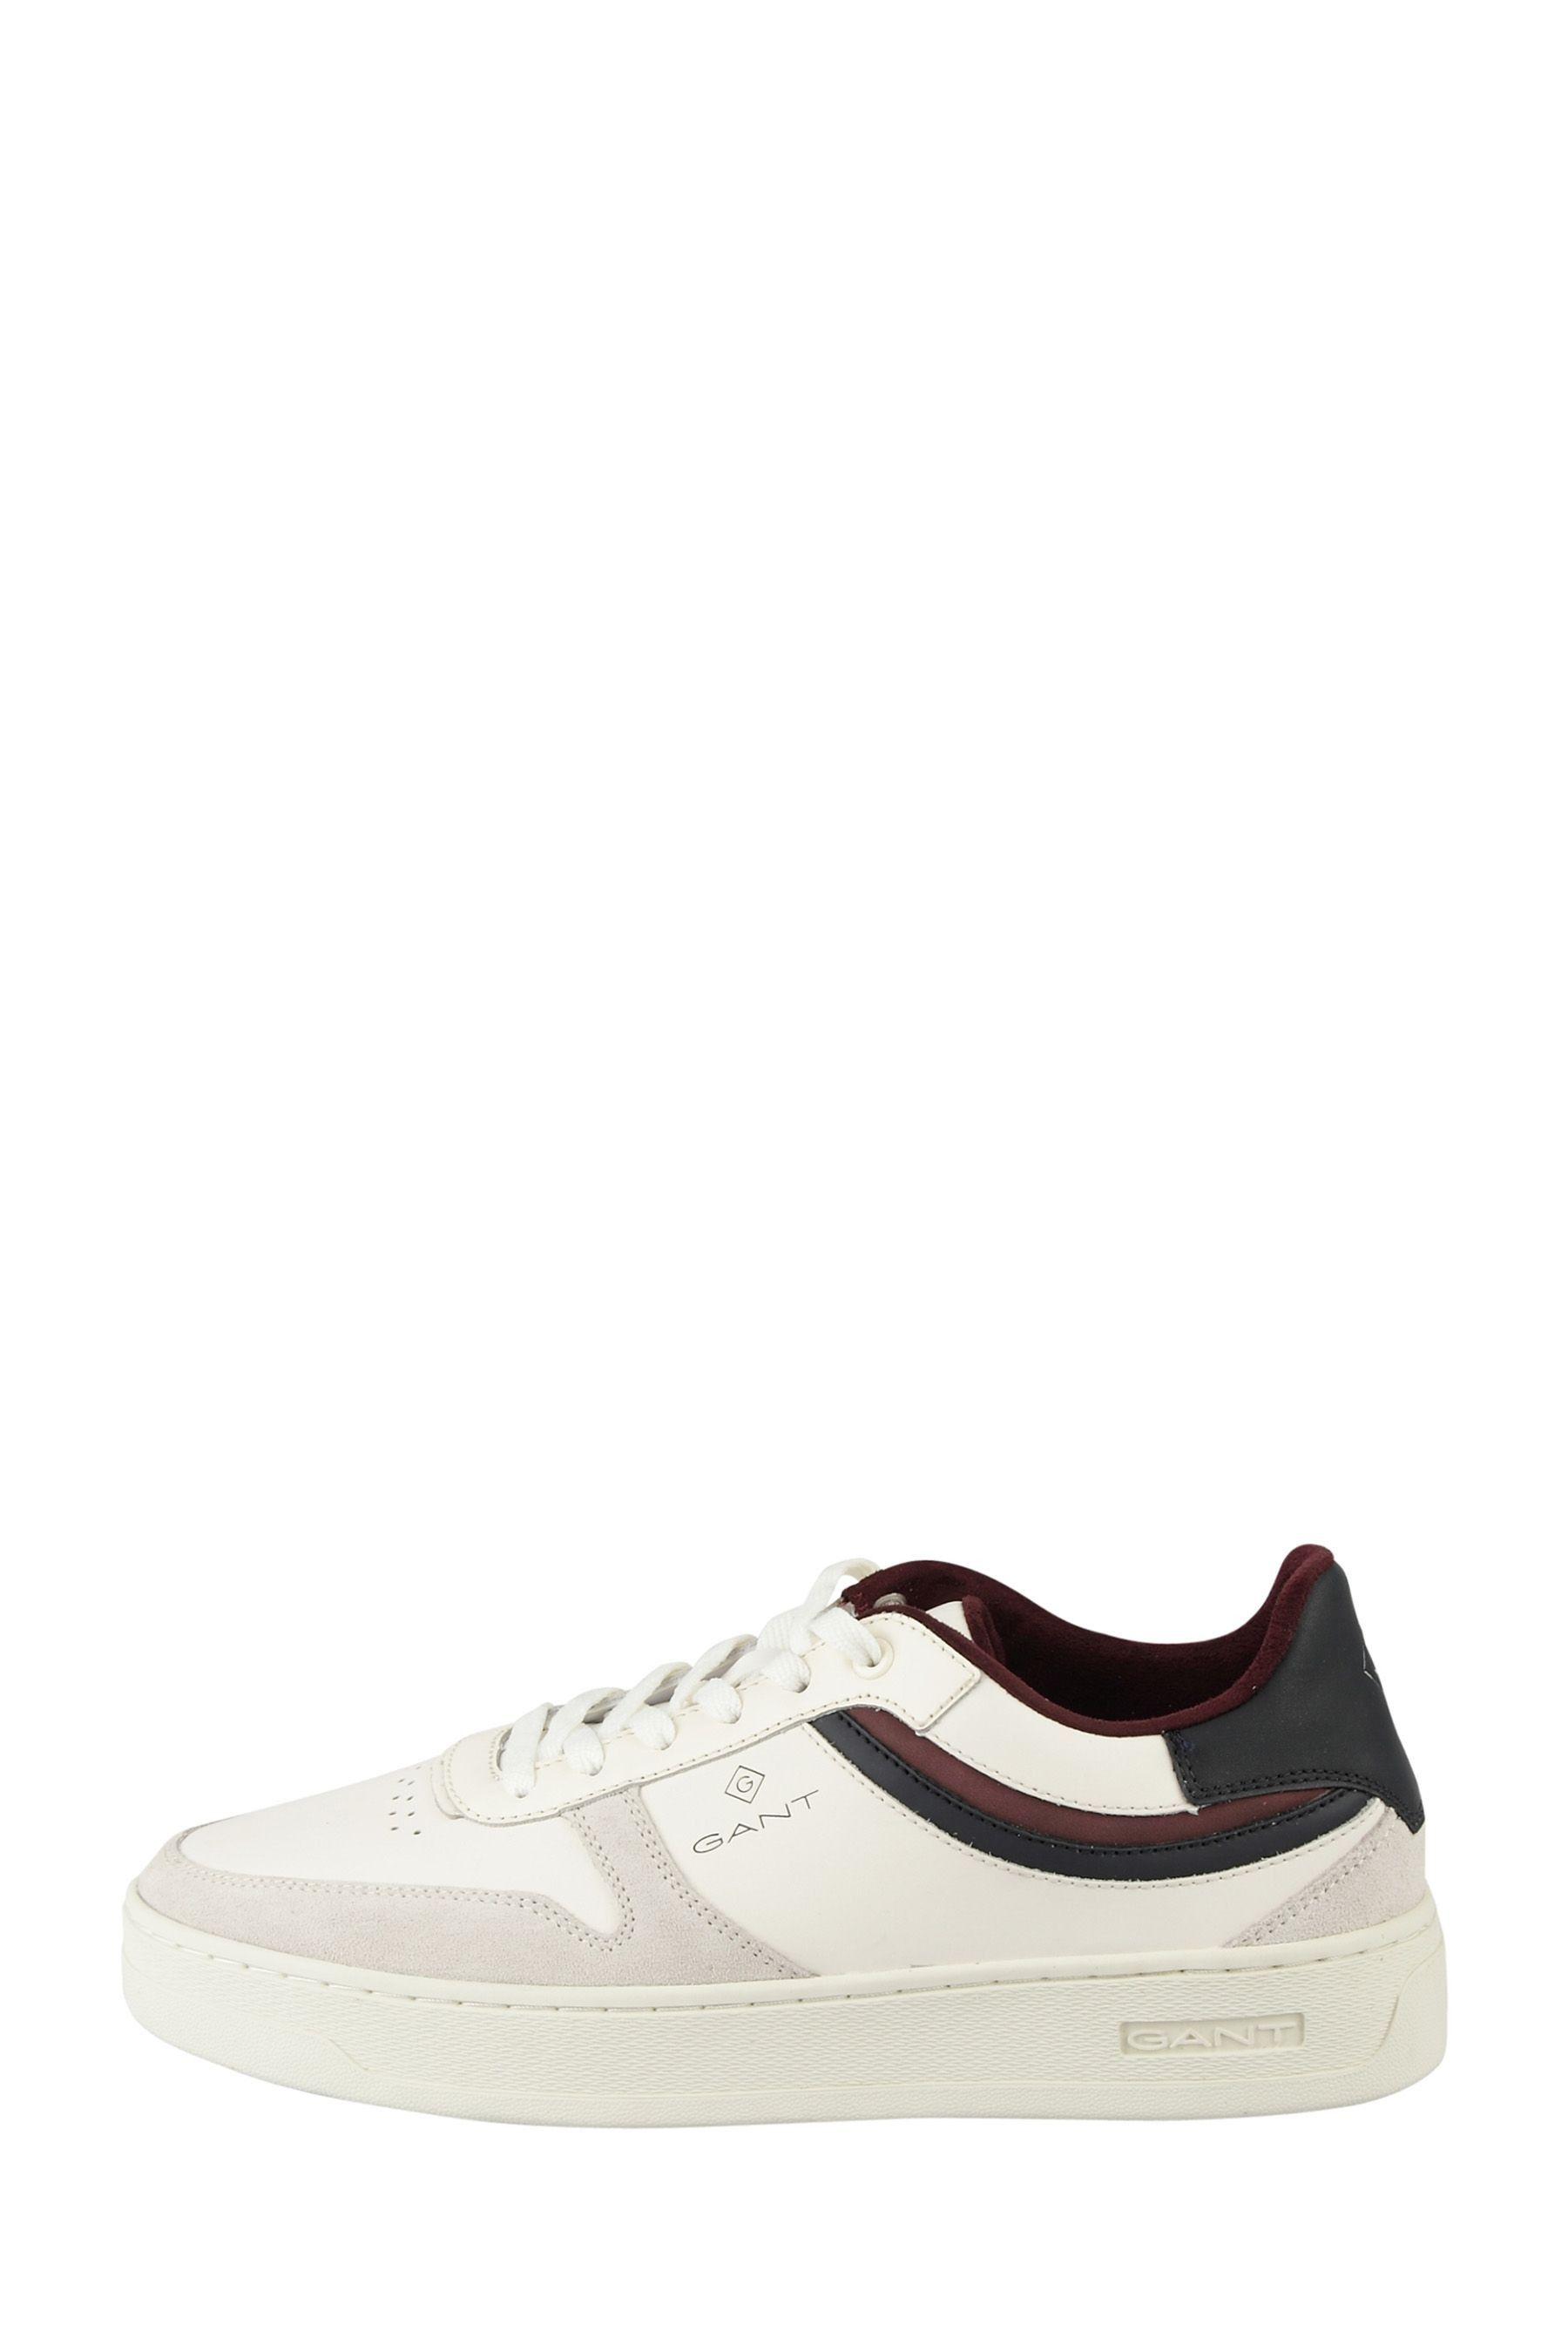 Mens GANT White Detroit Low Lace Shoes